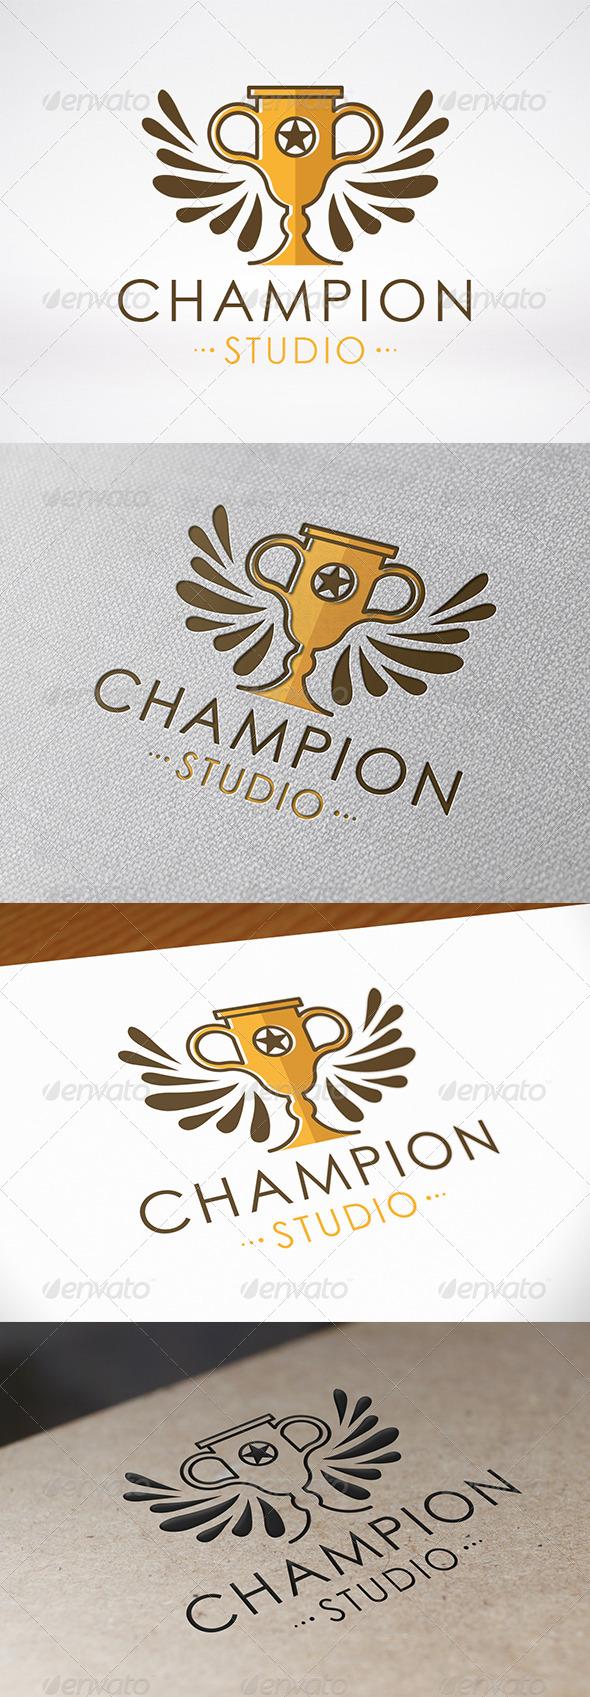 chaapion-studio